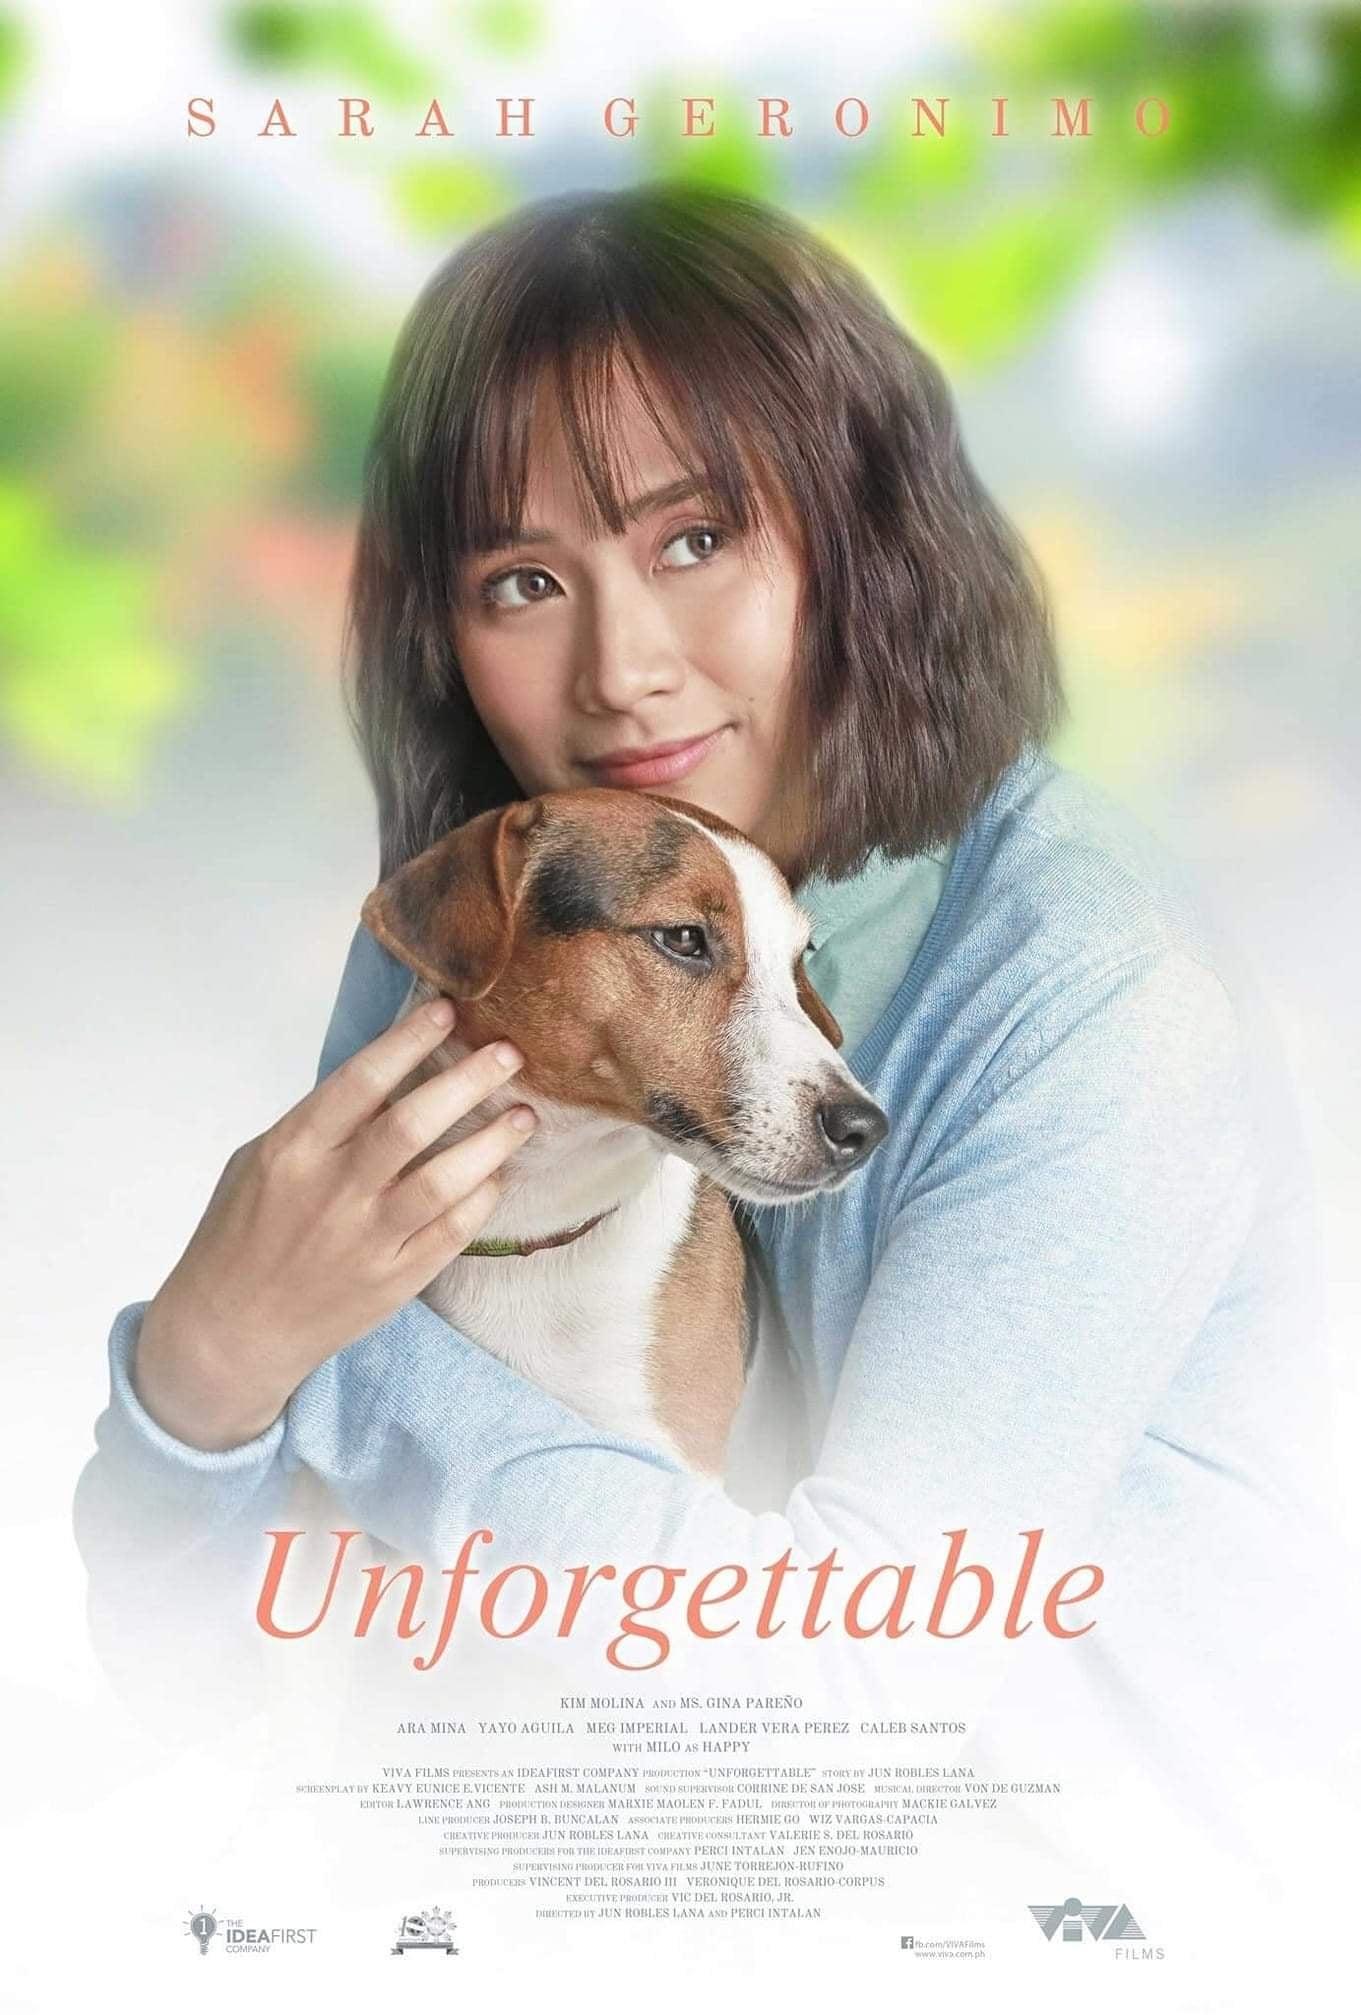 Unforgettable Film 2019